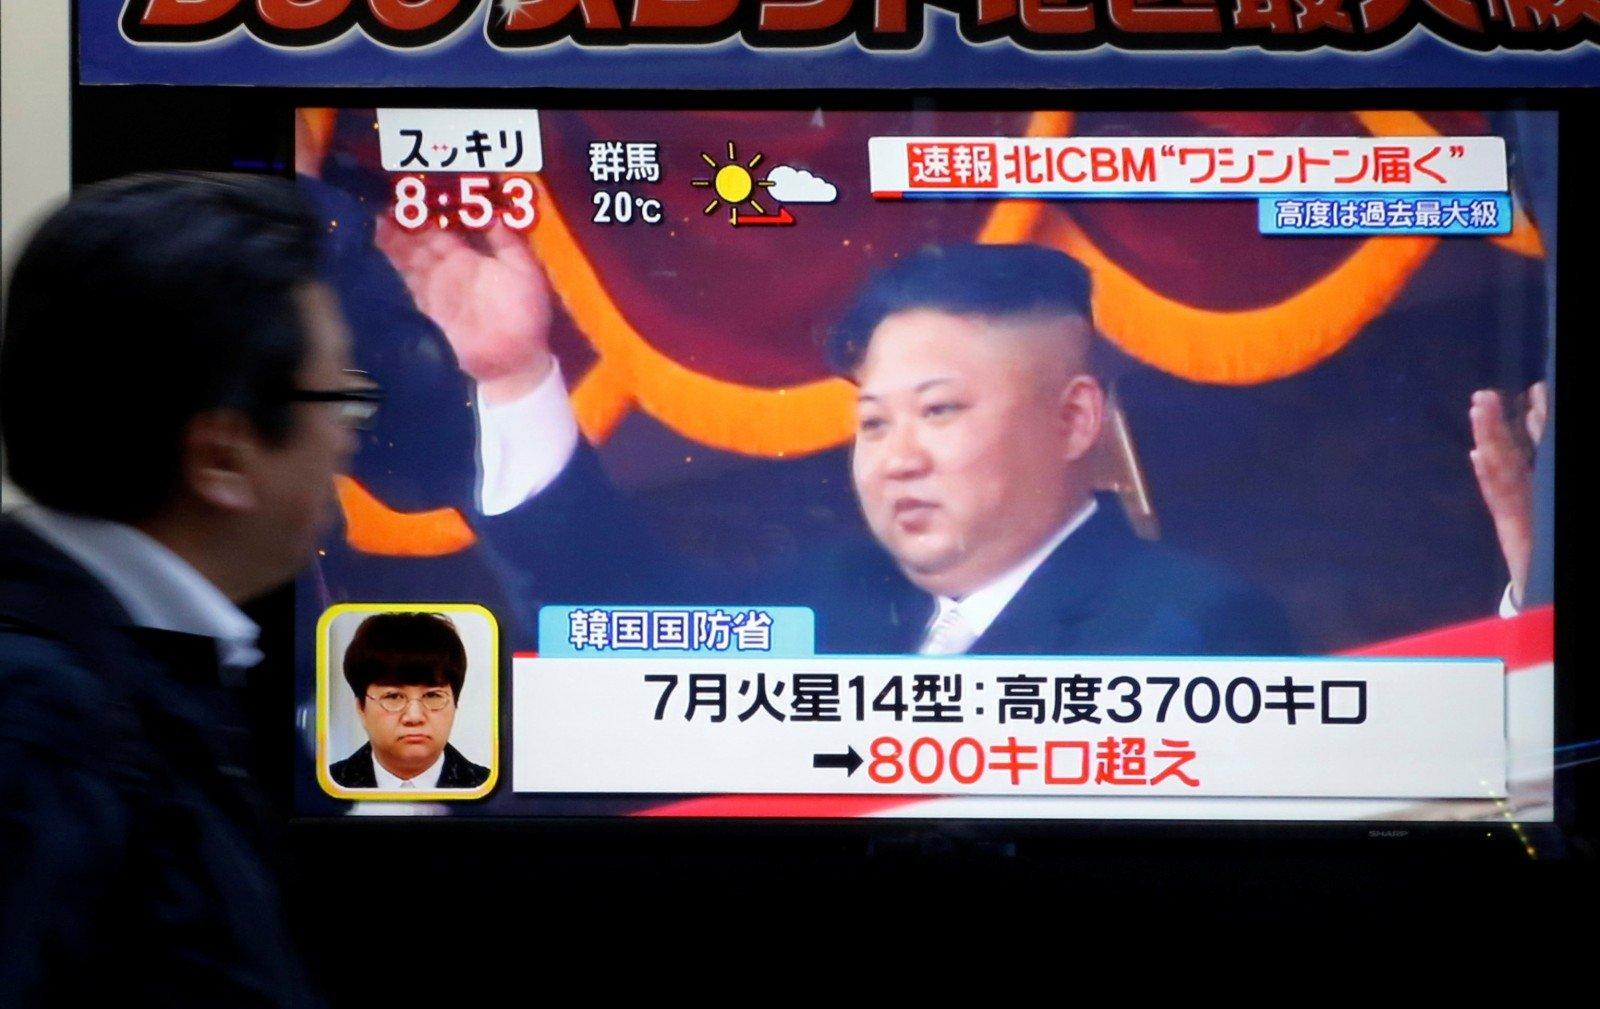 ВКНДР сообщили обуспешном запуске ракеты